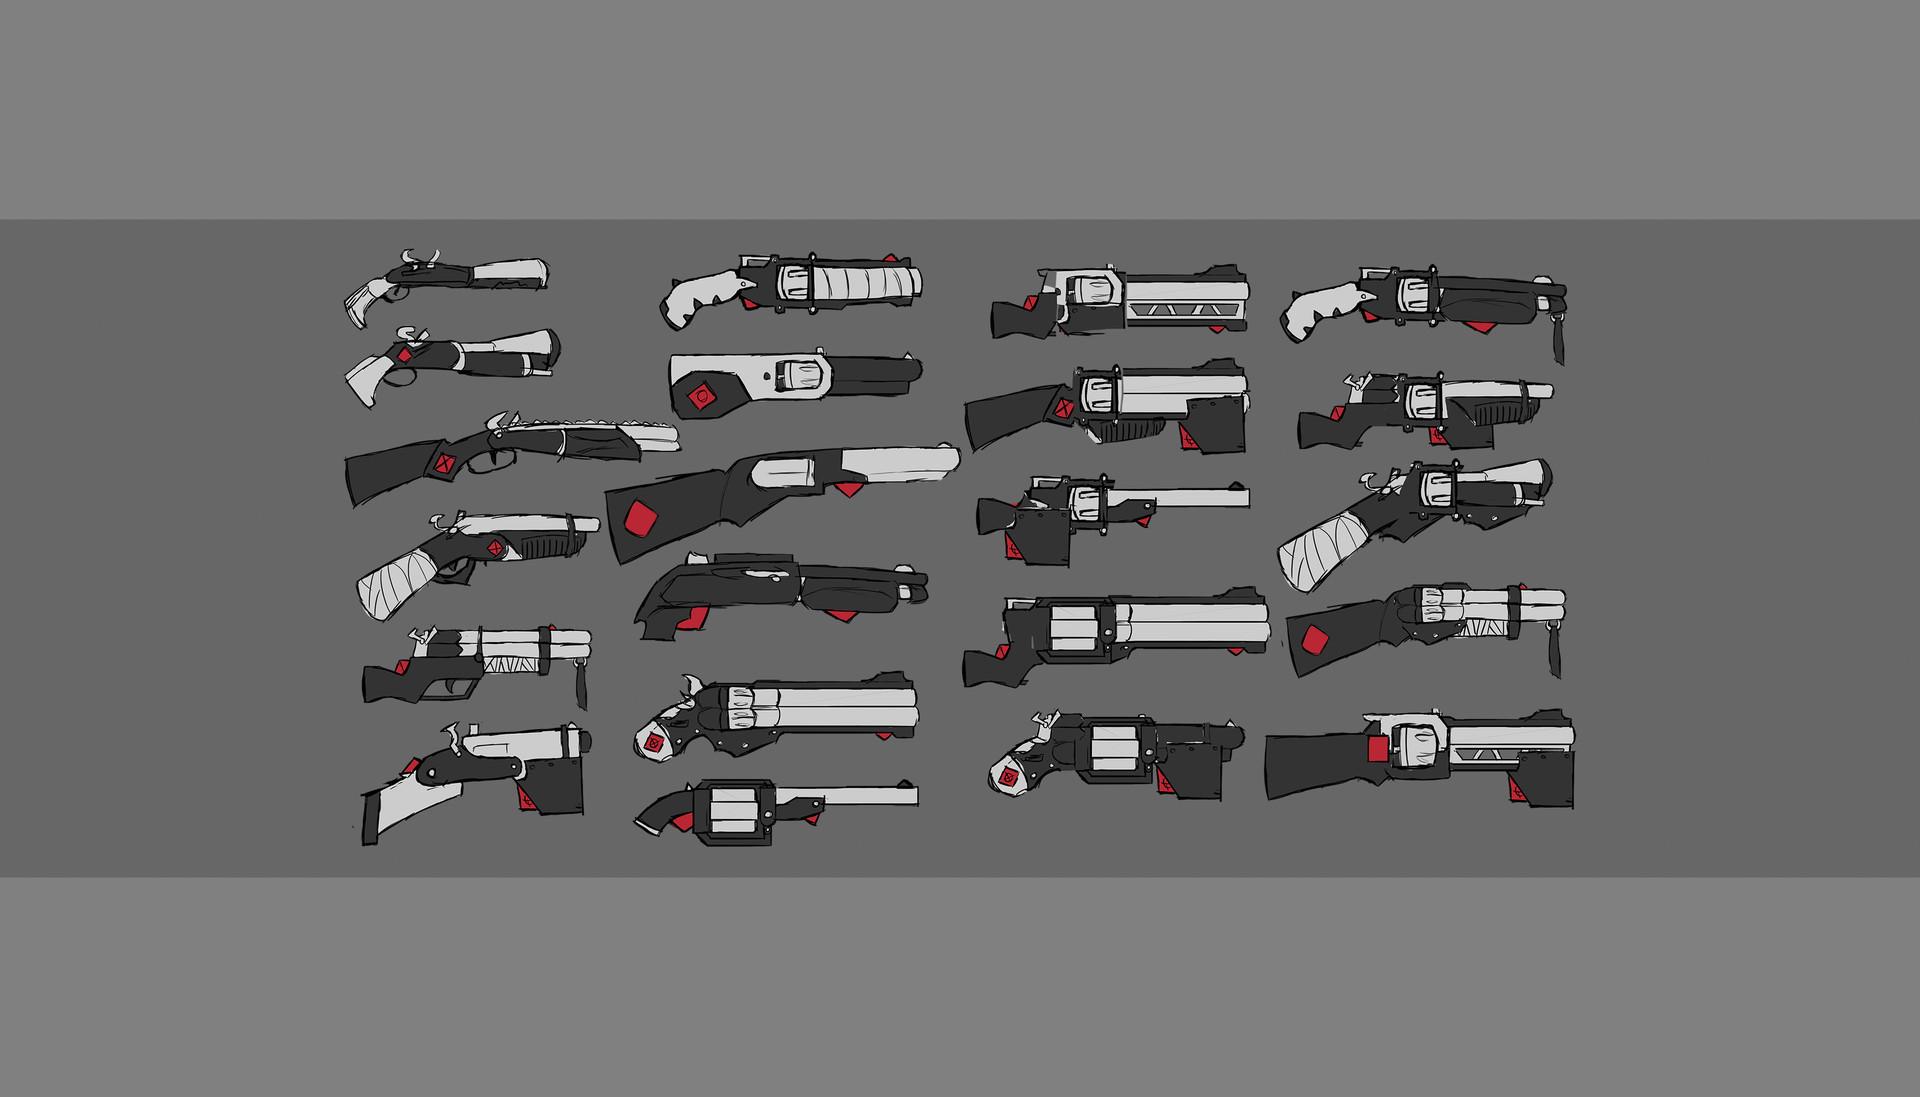 Hannah pallister 20170106 guns set 1